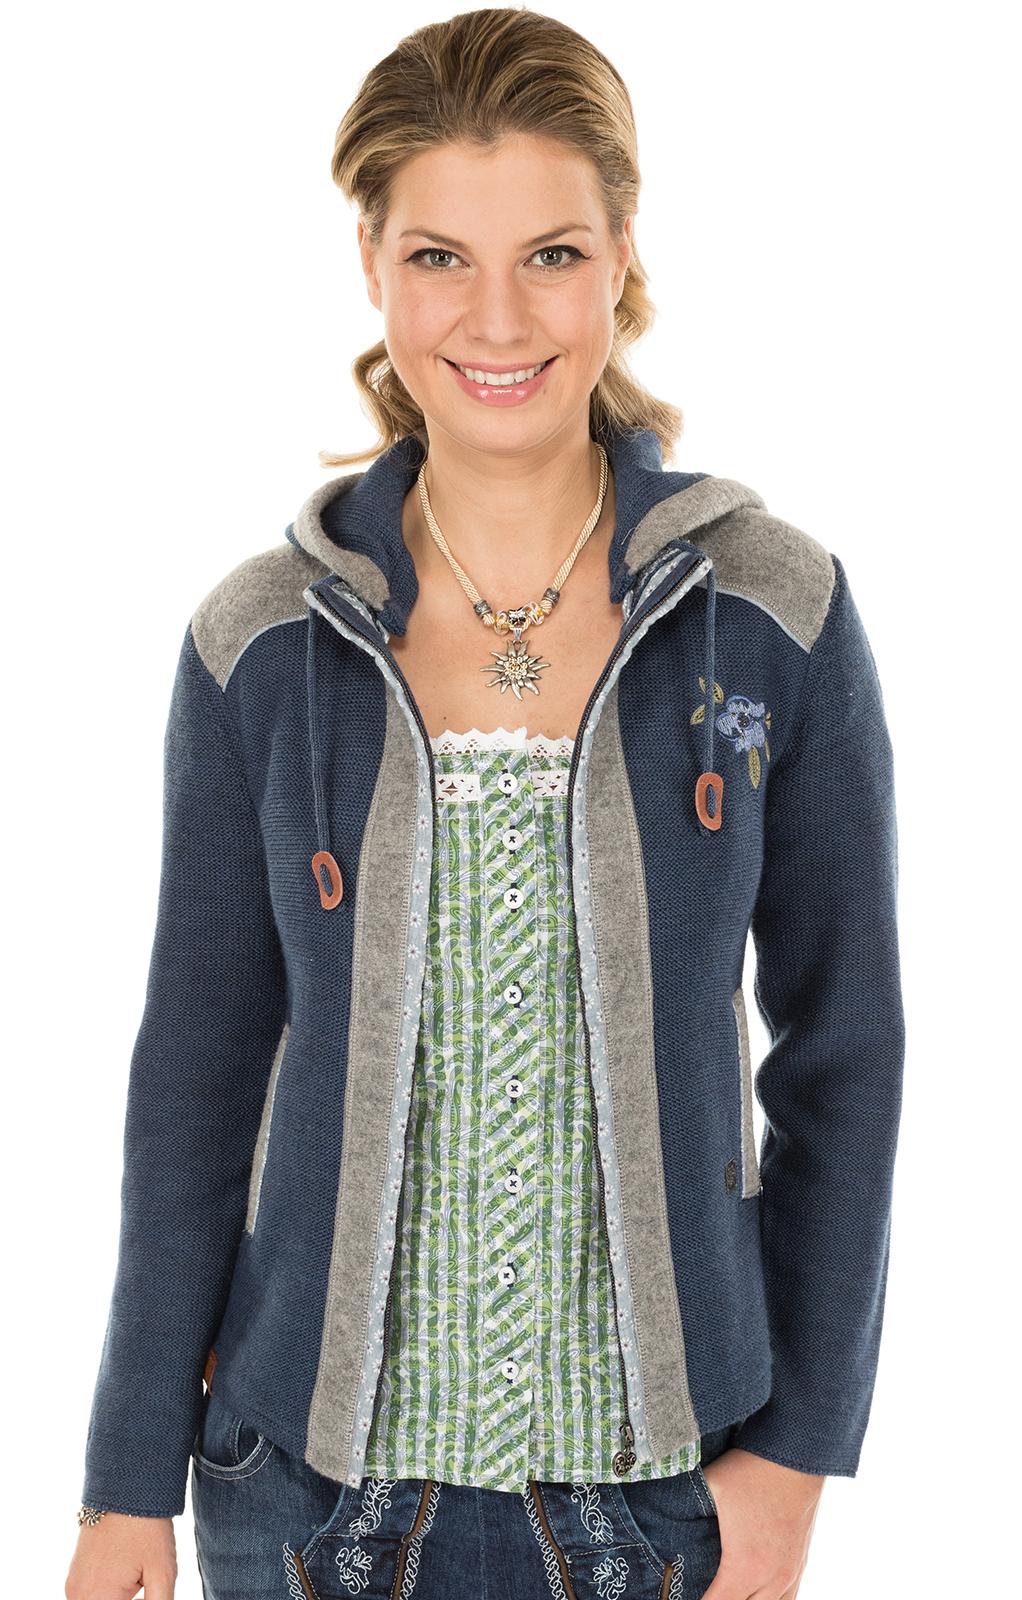 Trachten Strickjacke GRAINET jeansblau von Spieth & Wensky